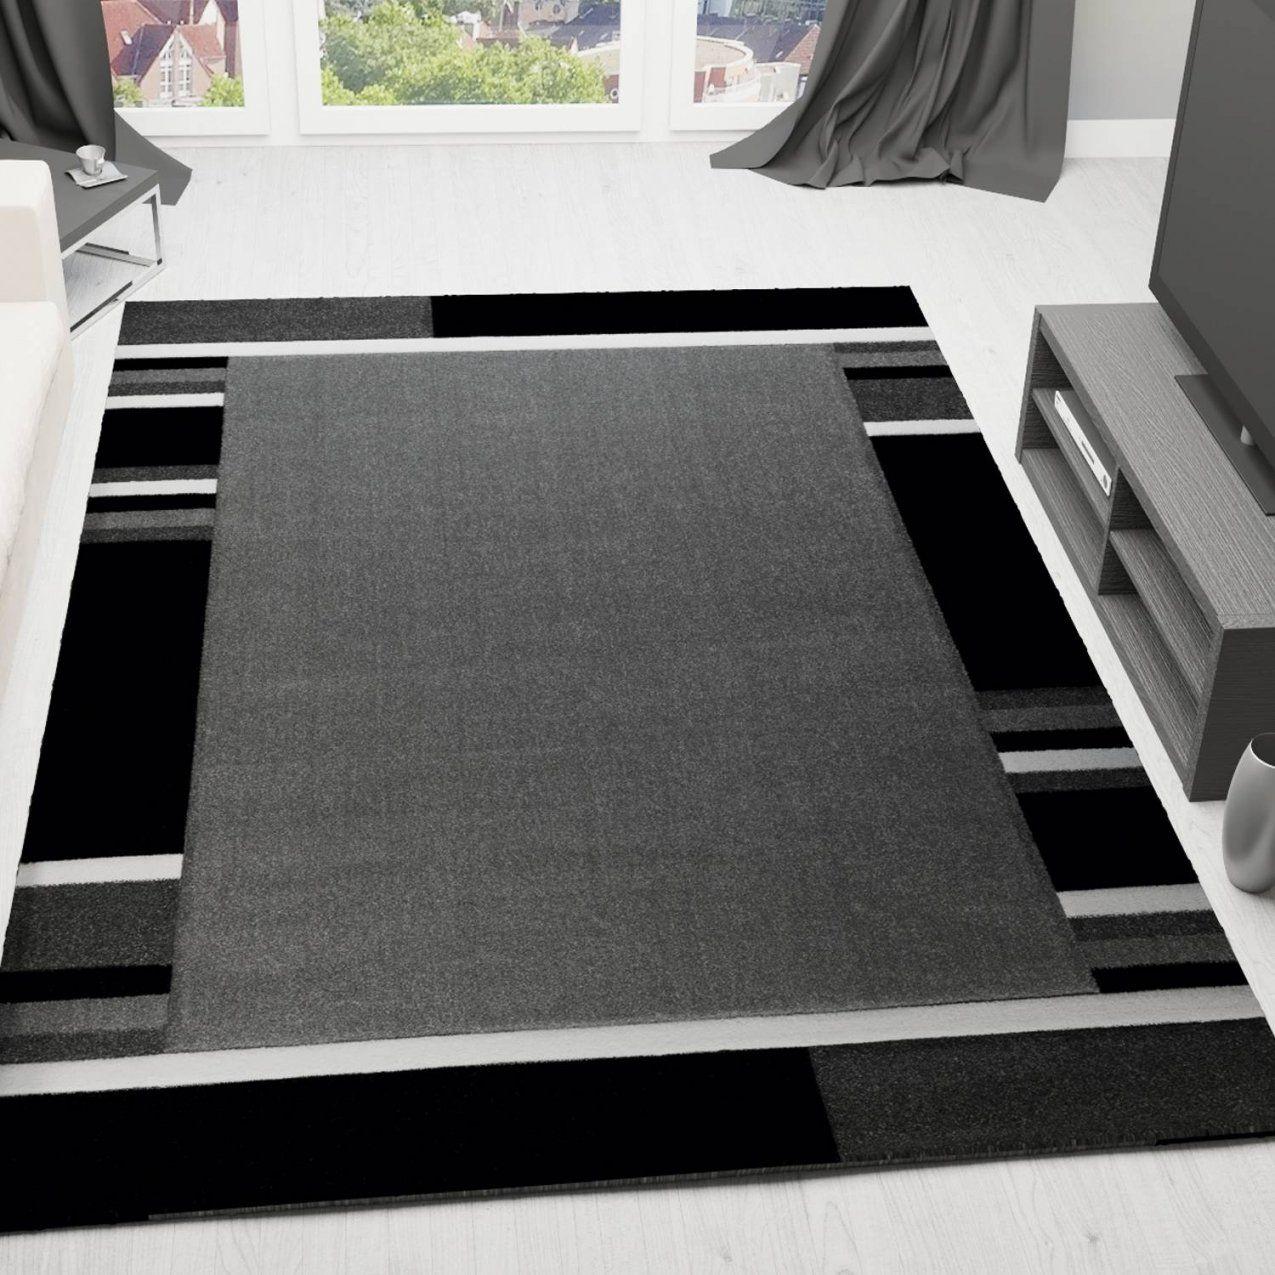 Teppiche Bezaubernd Teppich Läufer Schwarz Weiß Ausgezeichnet von Teppich Gestreift Schwarz Weiß Photo